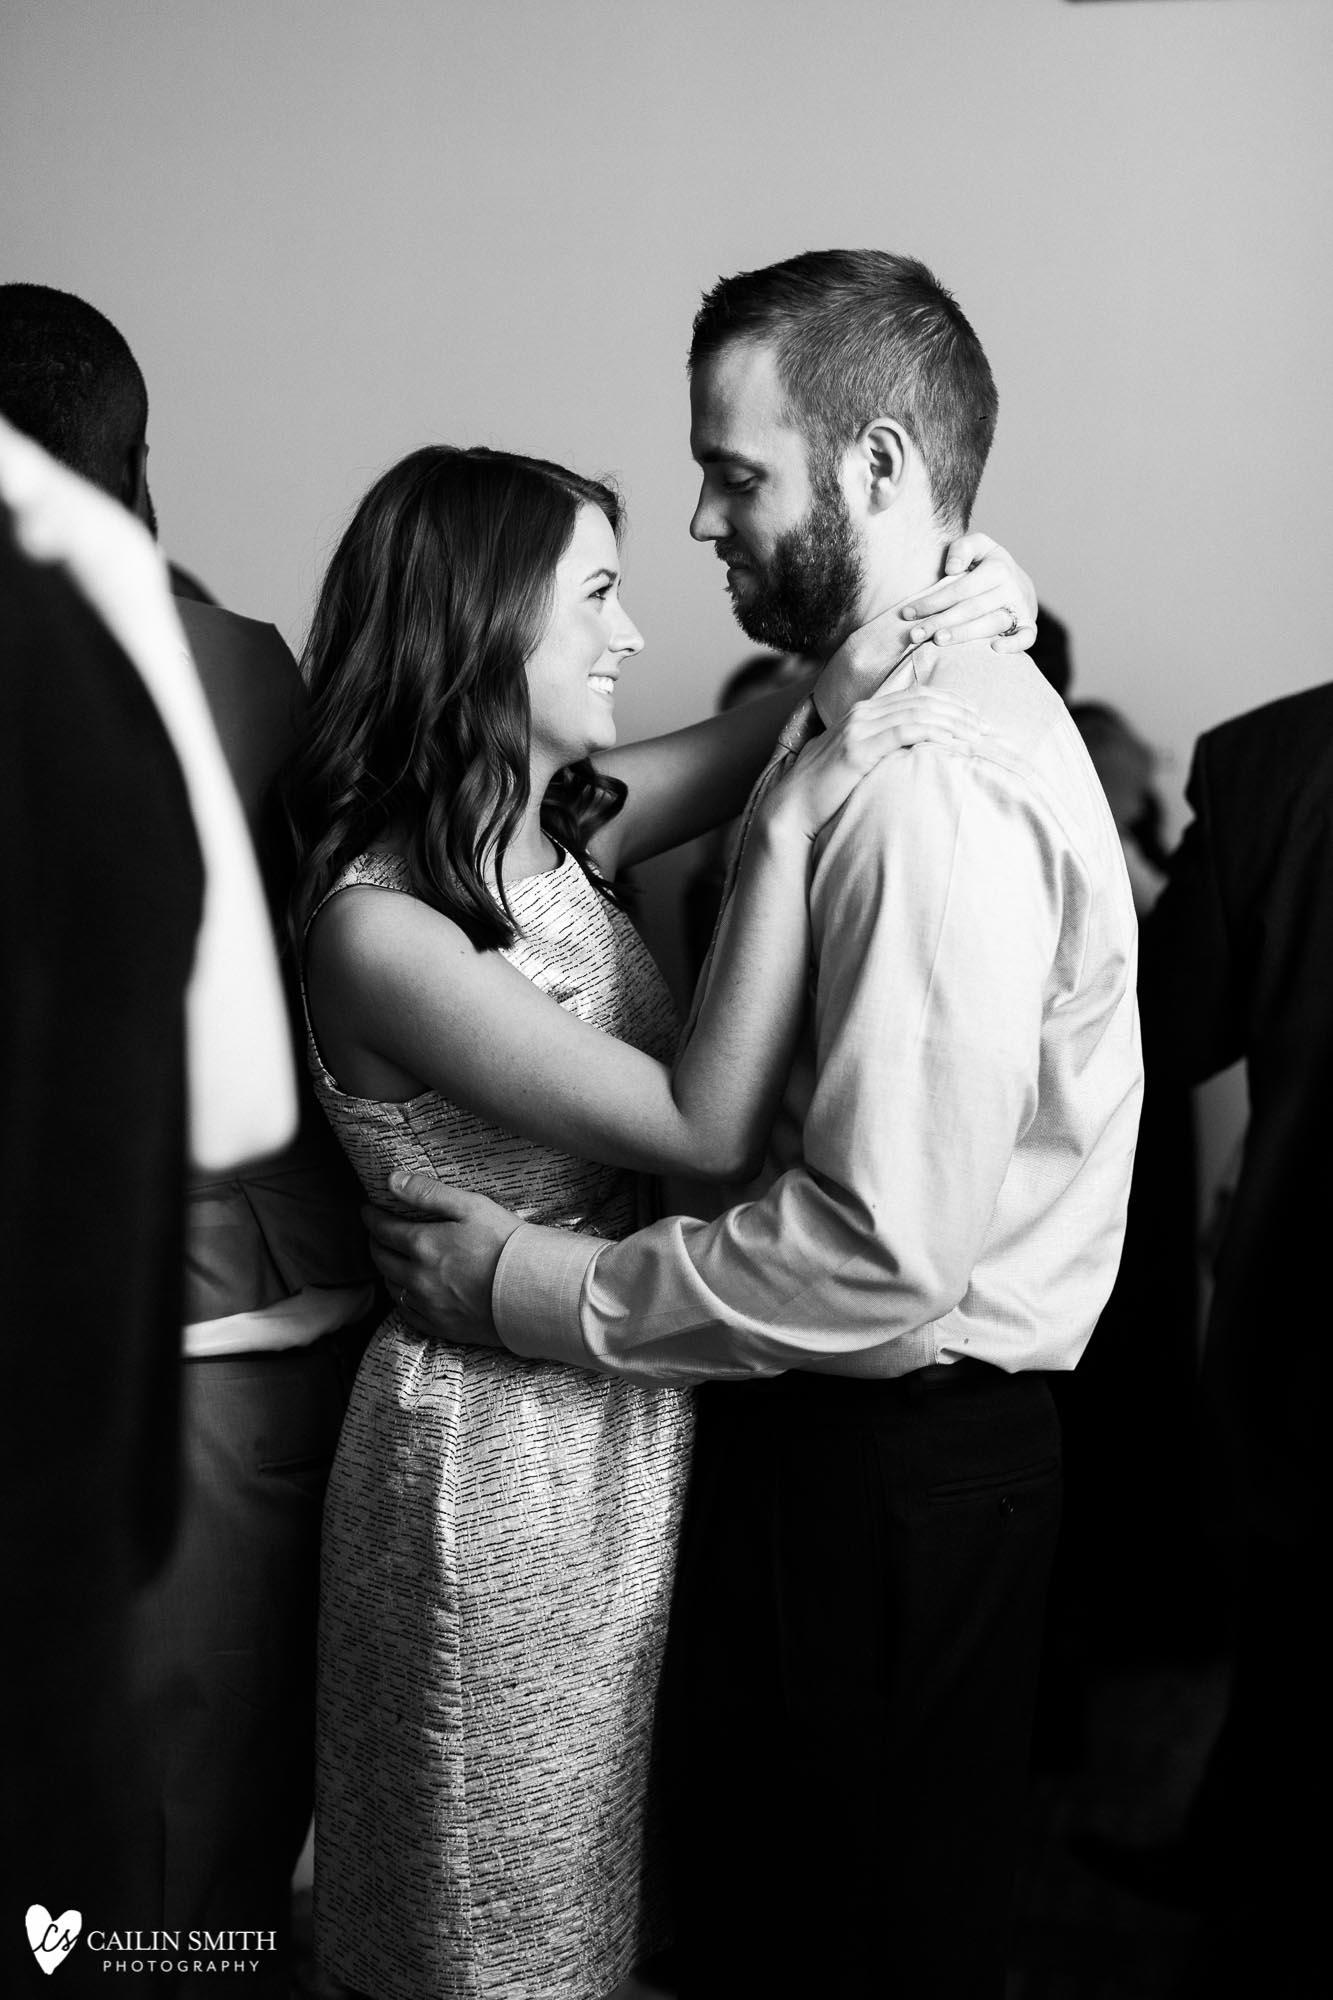 Leah_Major_St_Marys_Wedding_Photography_119.jpg